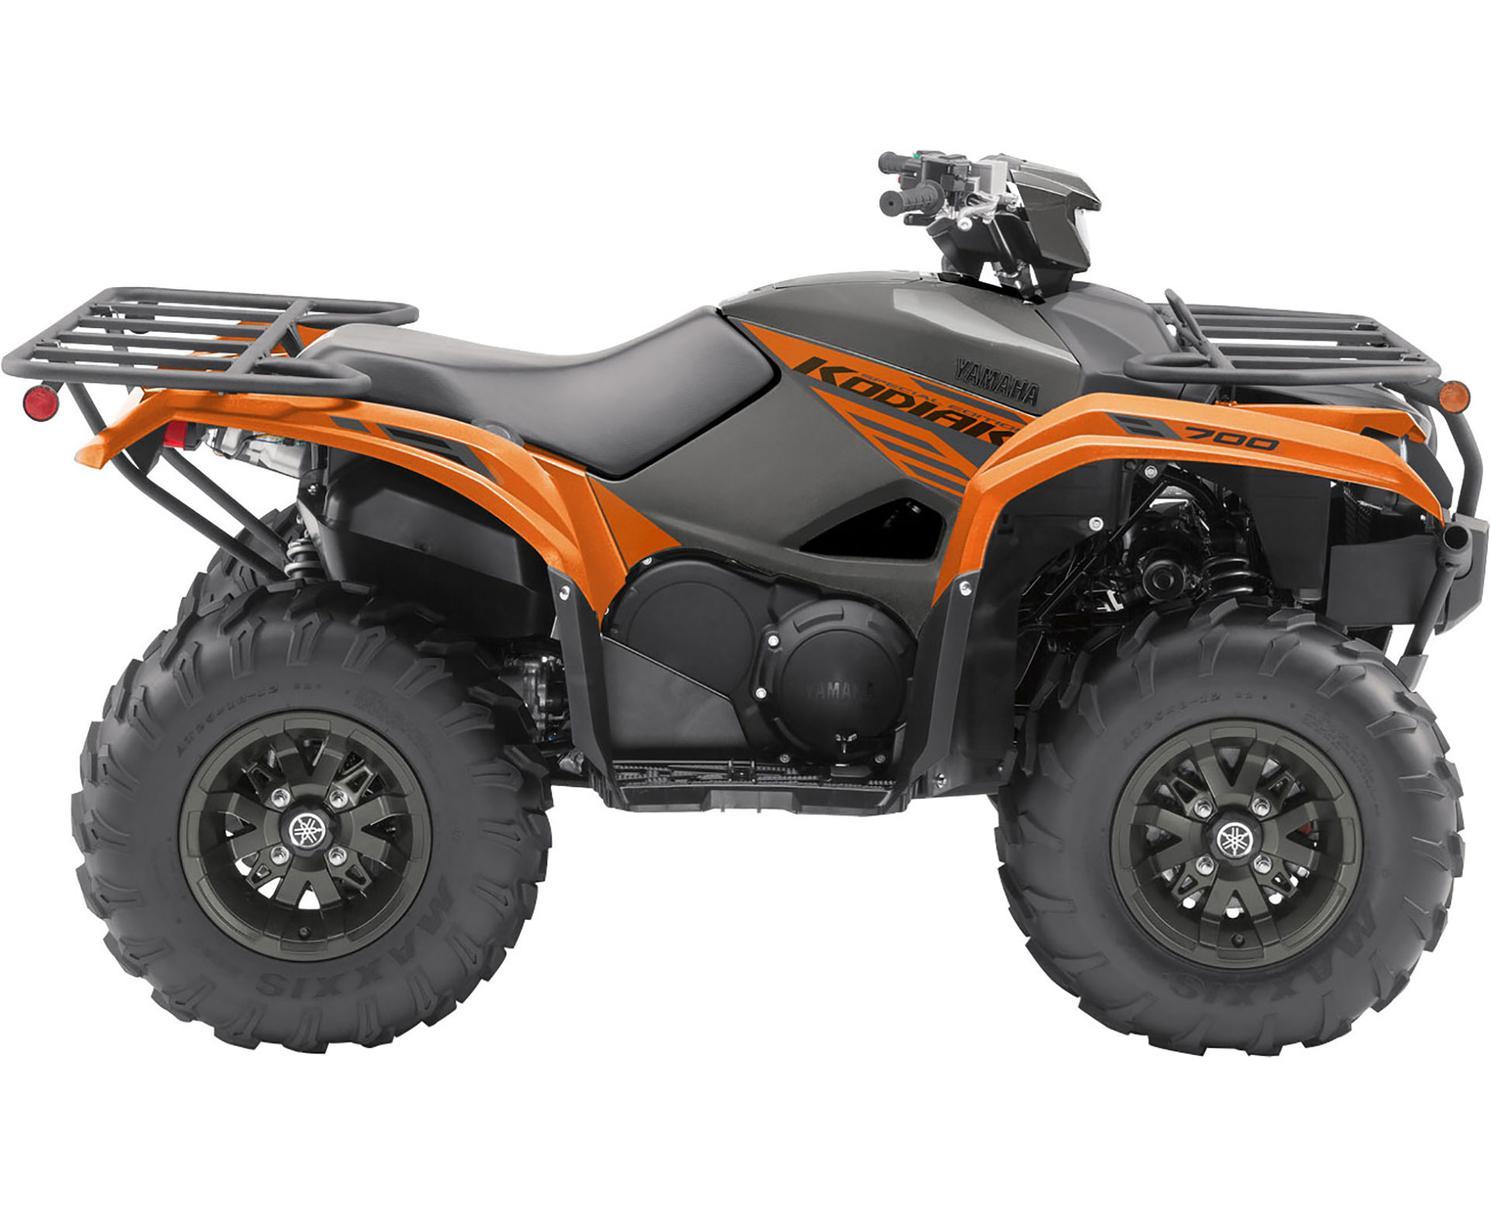 2021 Yamaha Kodiak 700 DAE SE